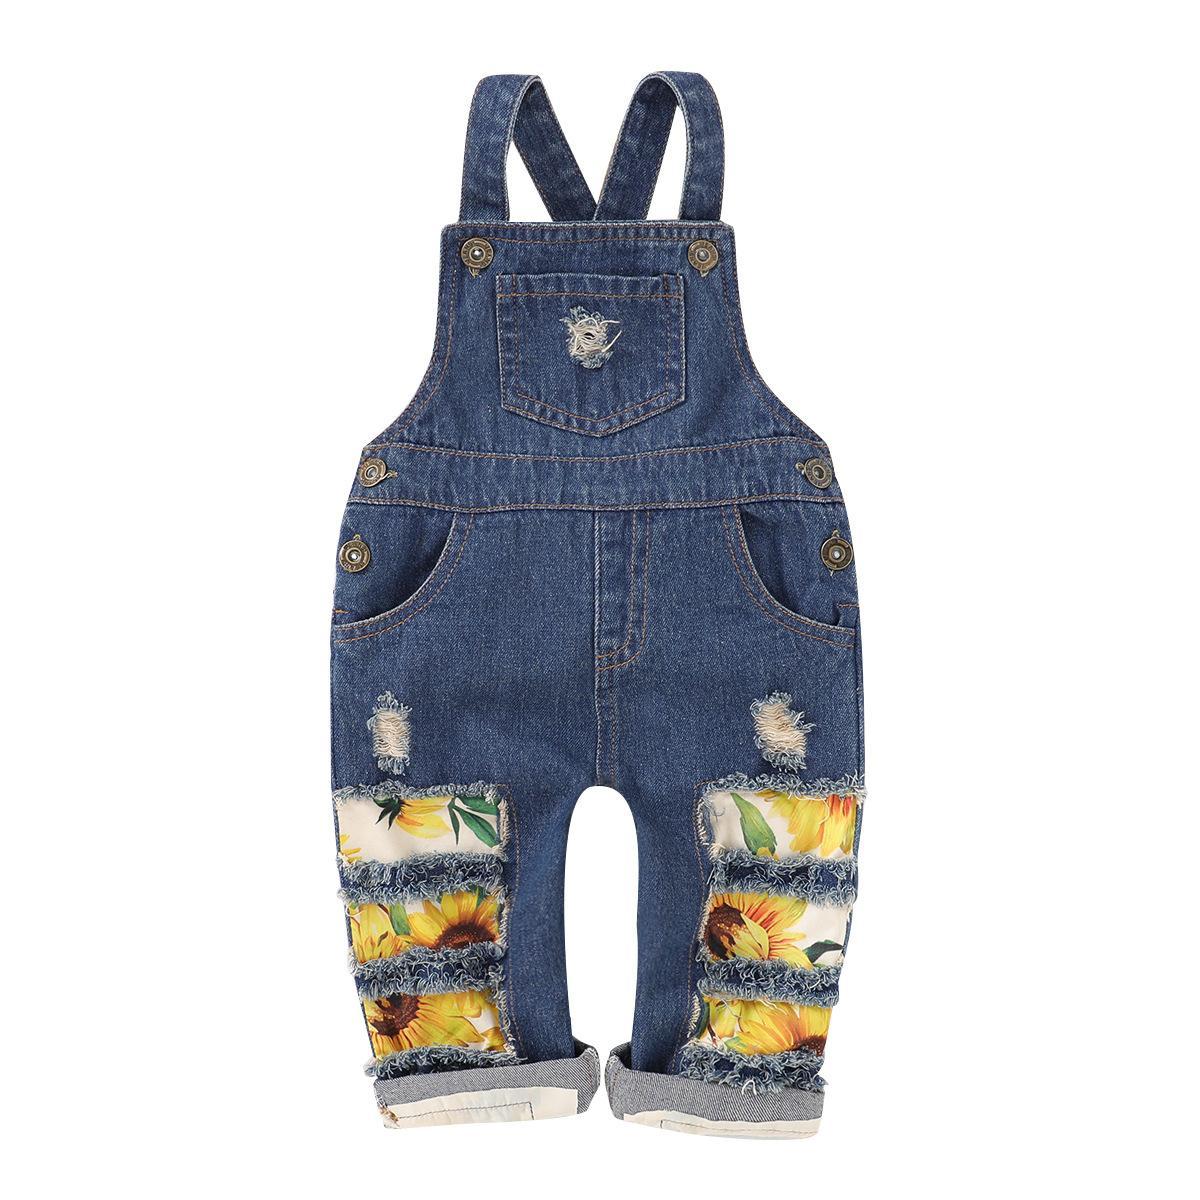 Çocuklar Ayçiçeği Denim Jumpsuit Yaz Giyim Moda Çocuk Suspender Jeans Broken Delikler Pantolon Bebek tulumları Kız Giyim M1882 pant